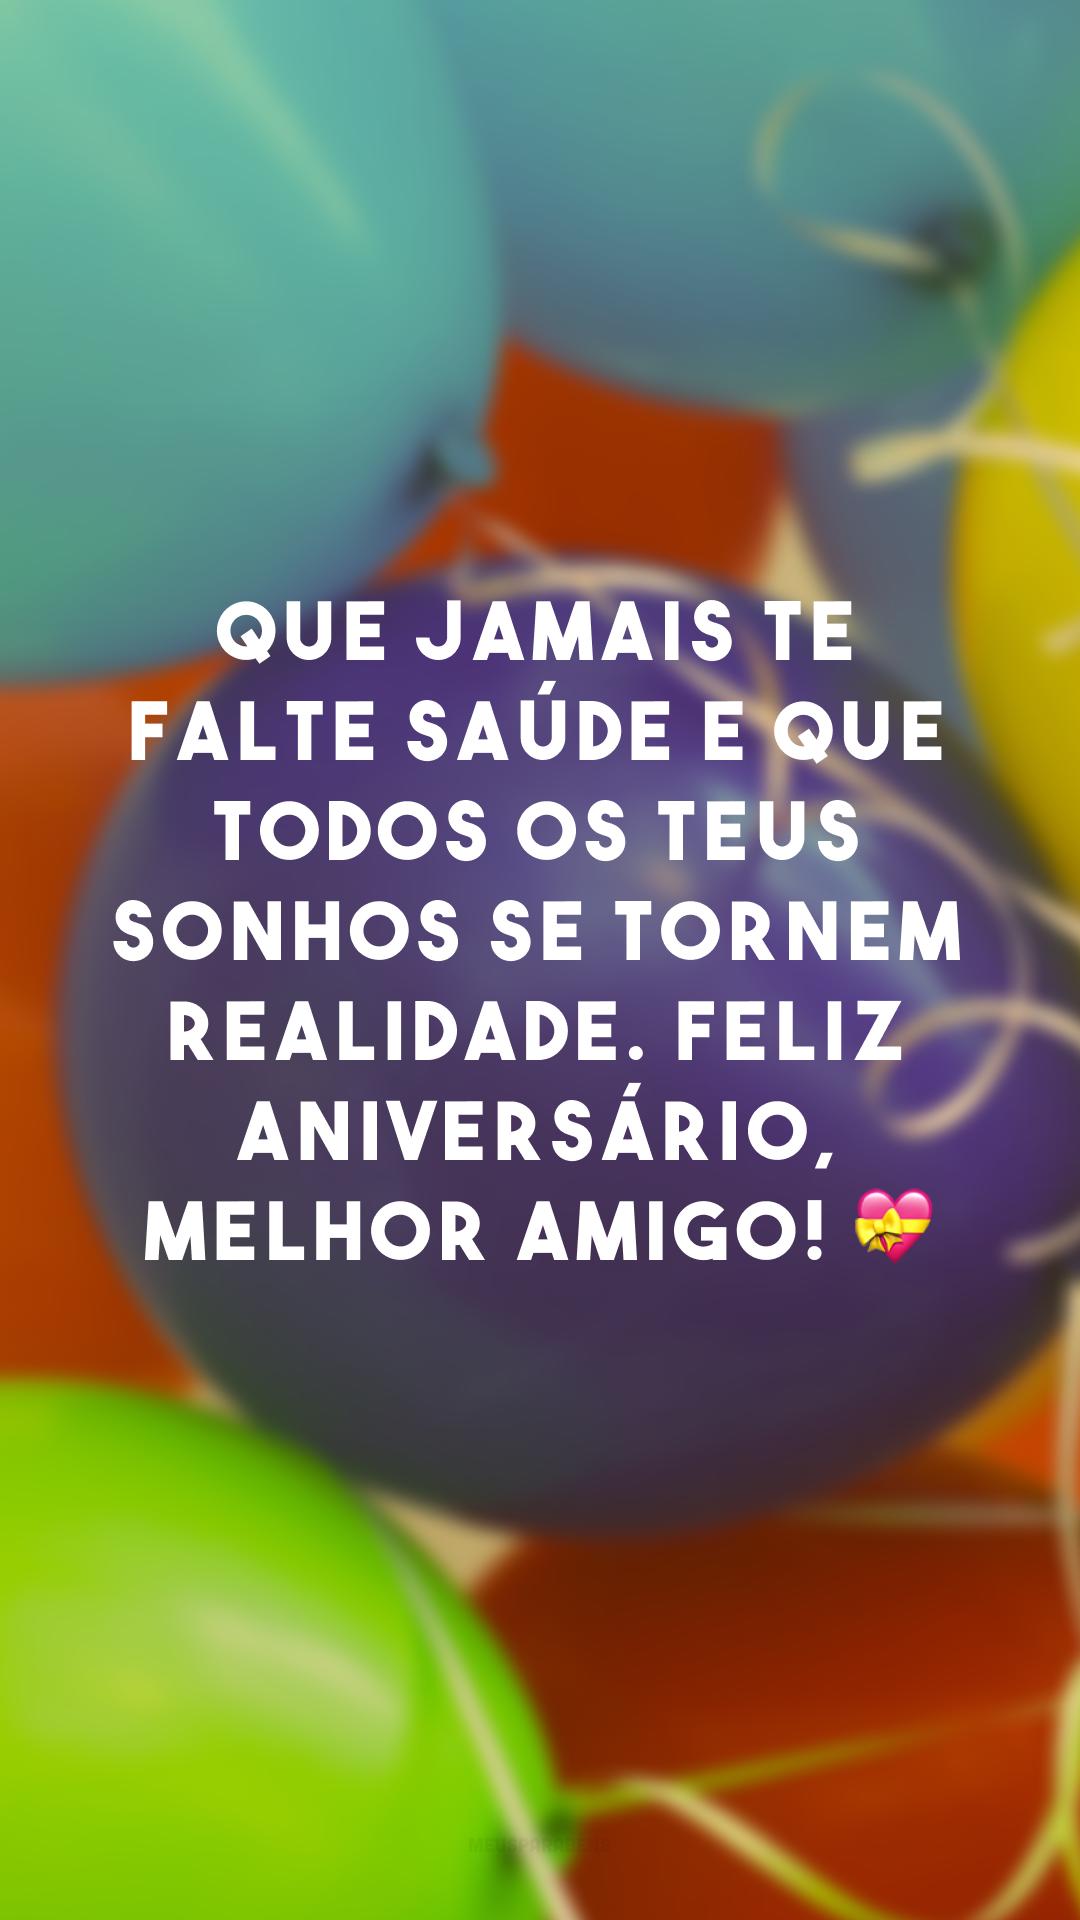 Que jamais te falte saúde e que todos os teus sonhos se tornem realidade. Feliz aniversário, melhor amigo! 💝